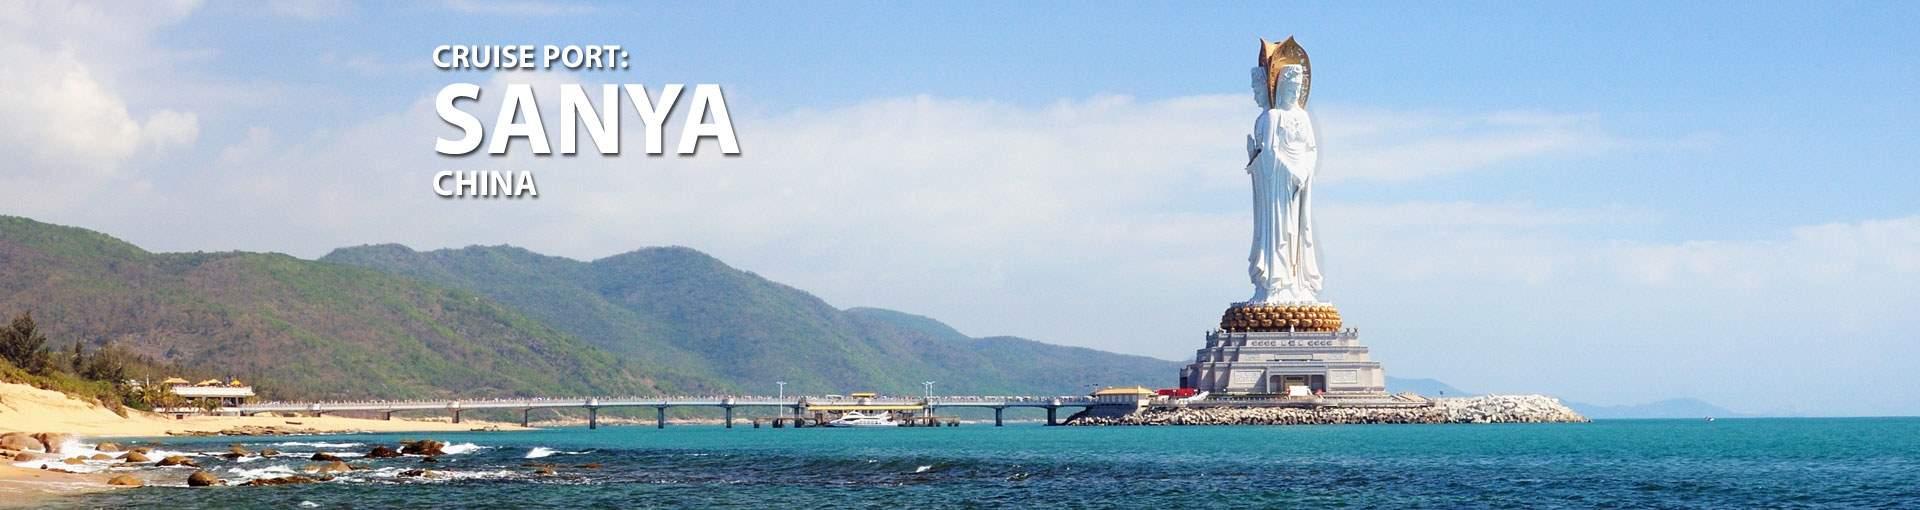 Cruises to Sanya, China